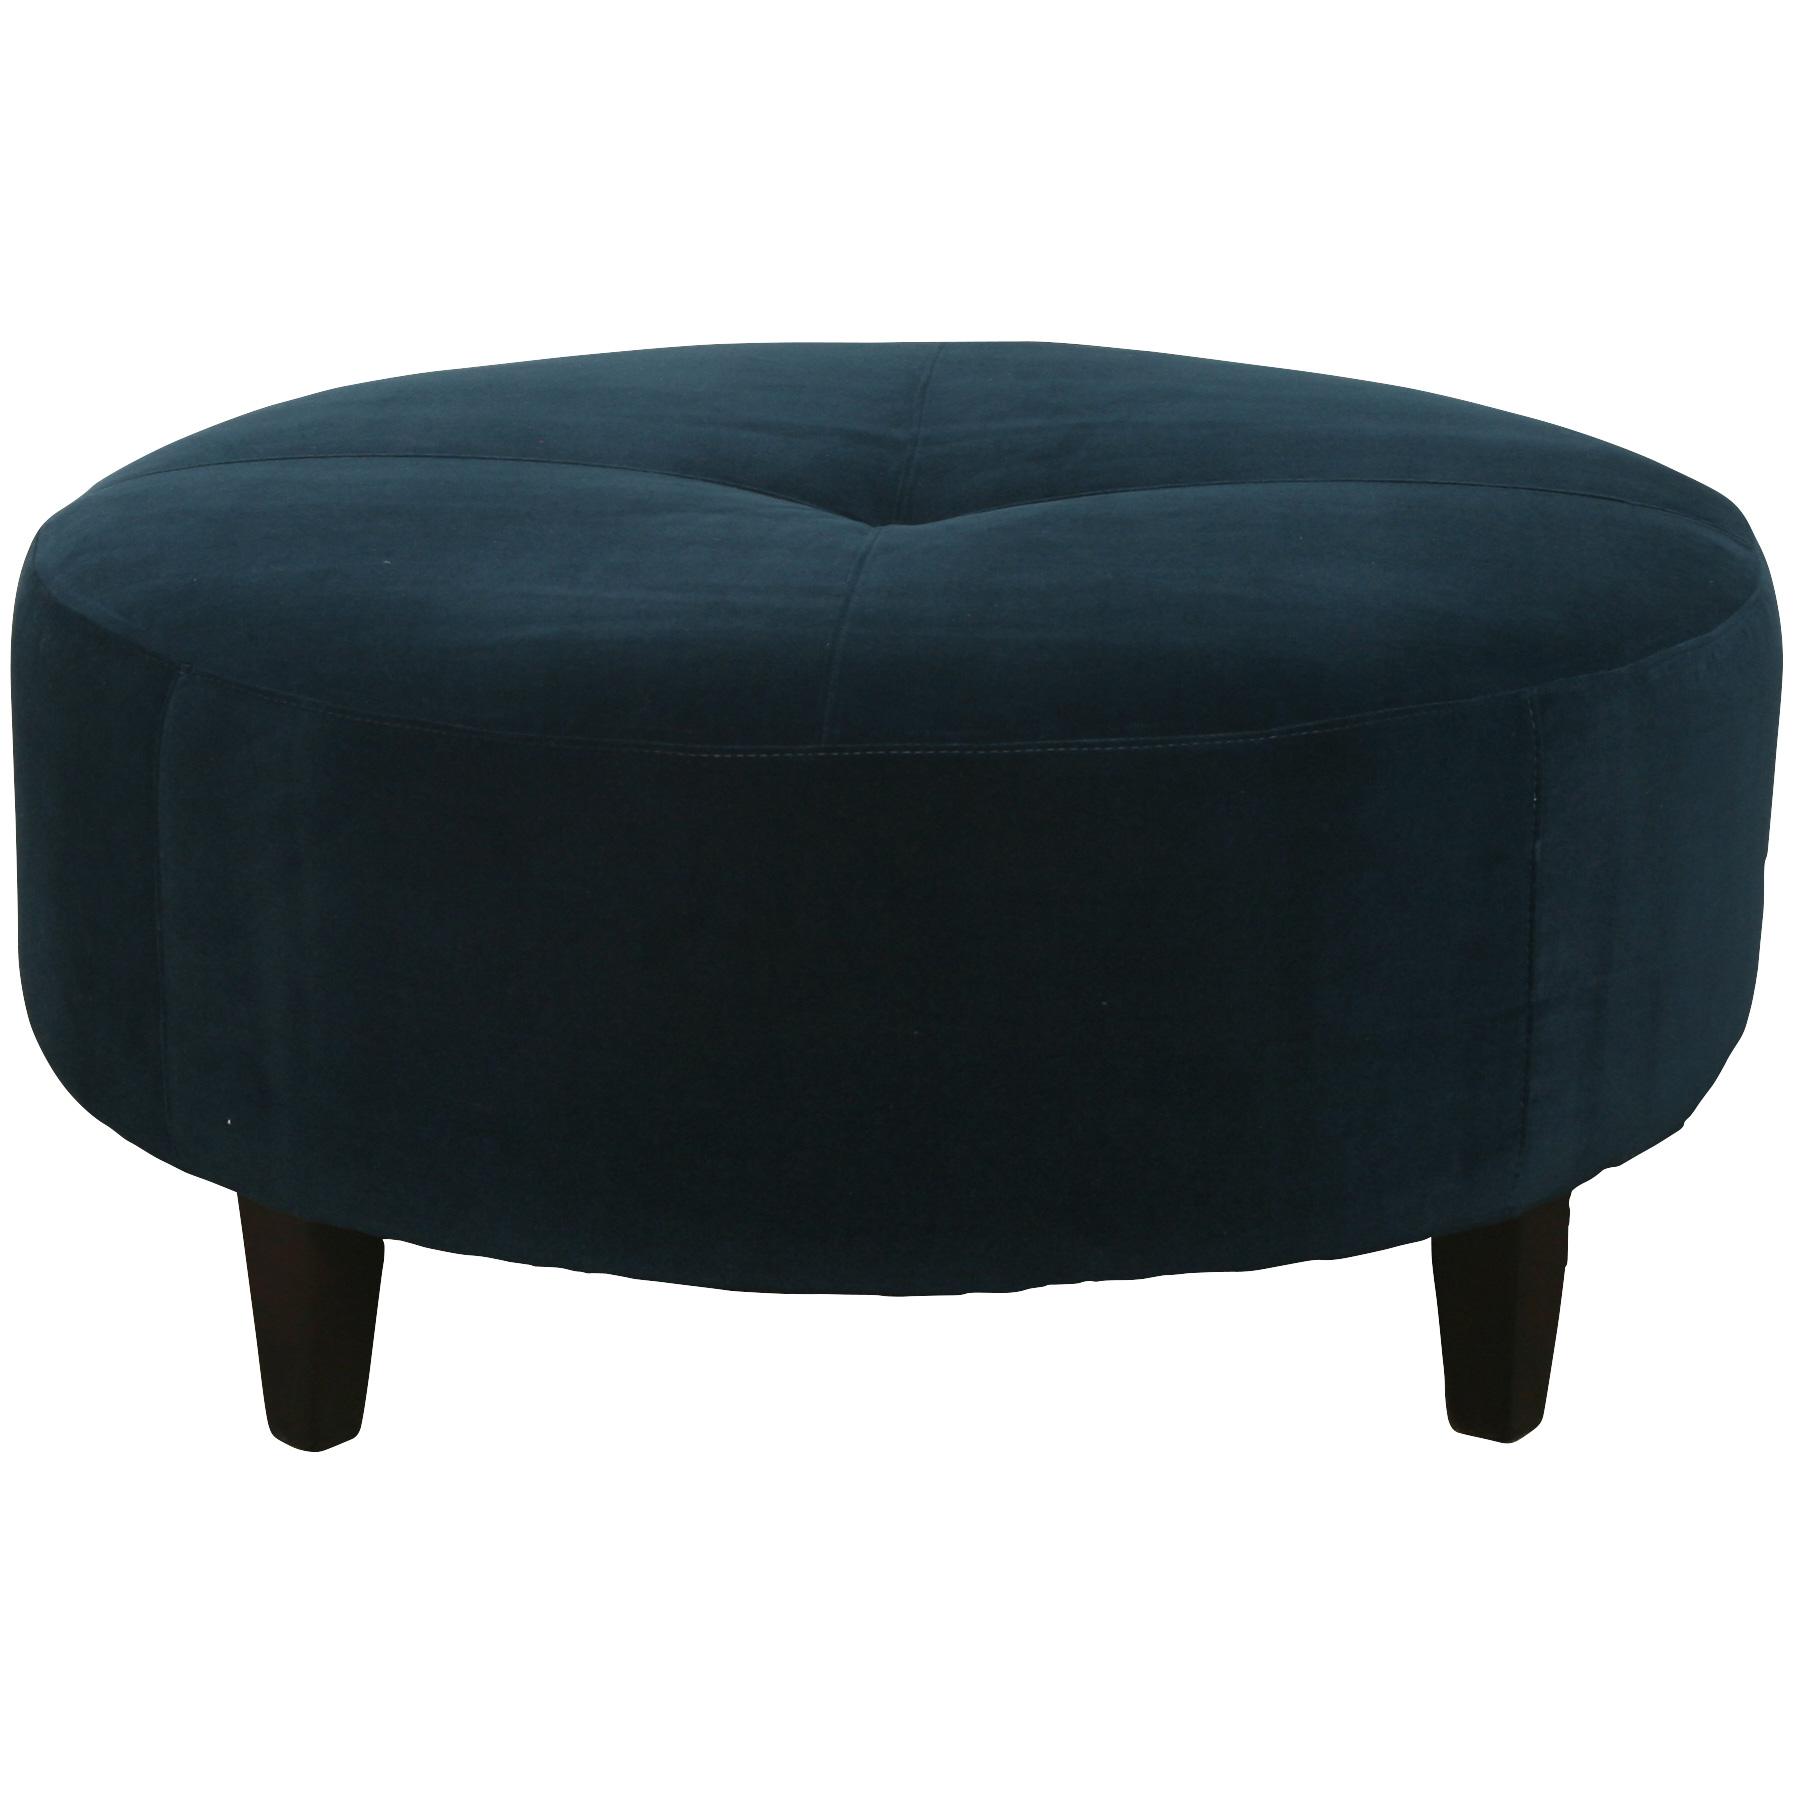 Bauhaus Furniture   Solo Navy Round Accent Ottoman